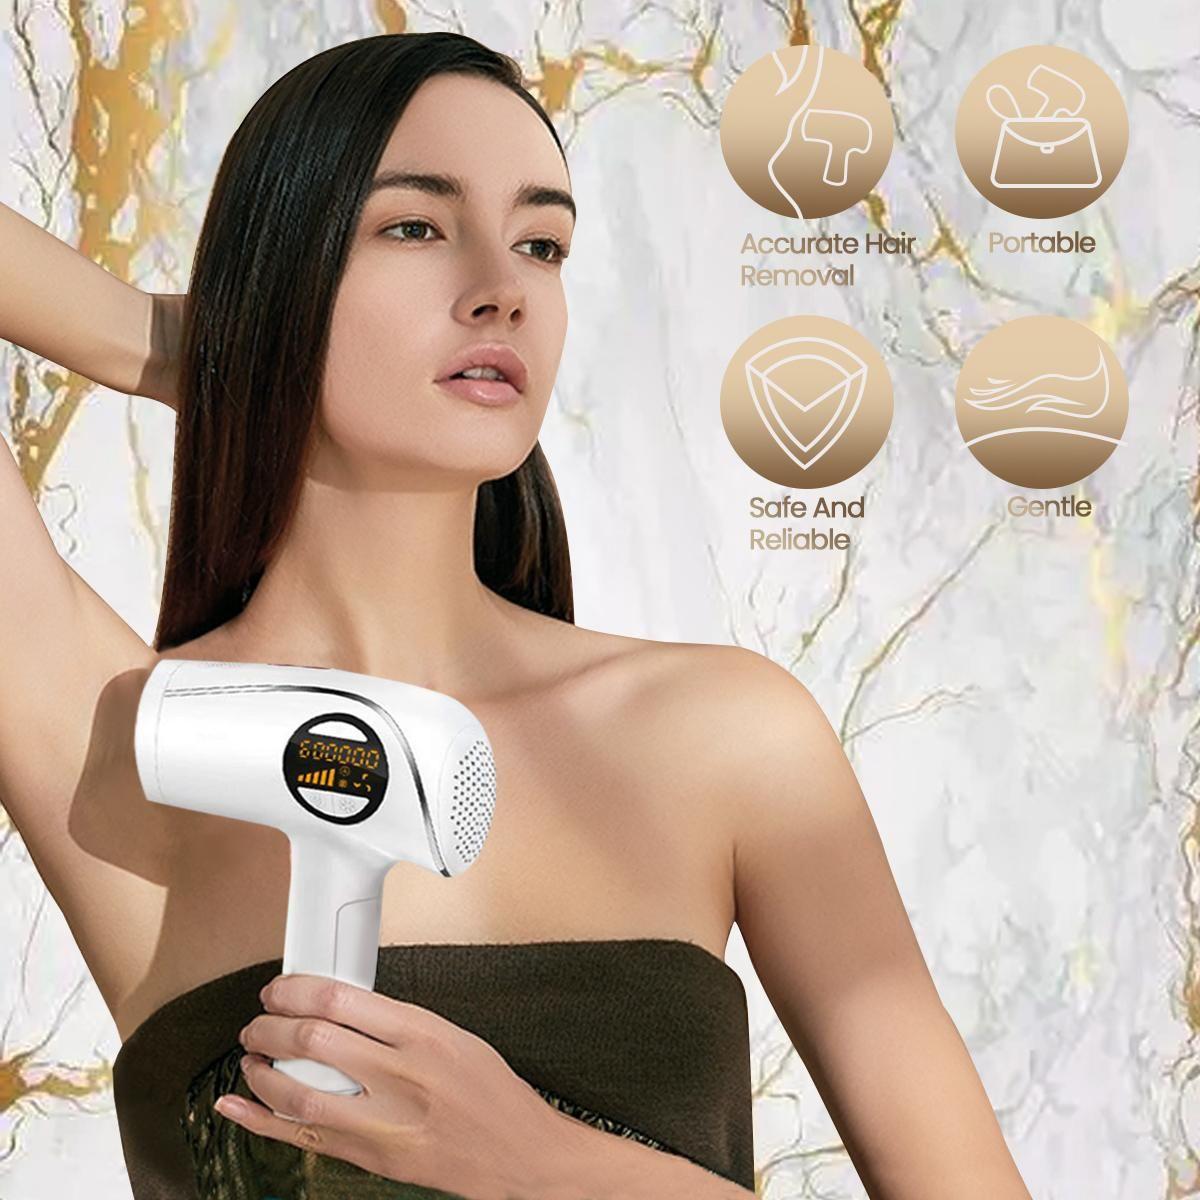 IPL لنزع الشعر الدائم مزيل الشعر المزهر غير مؤلم و خفيفة الجسم كله الساق العطاء الجلد تجميد نقطة تجديد